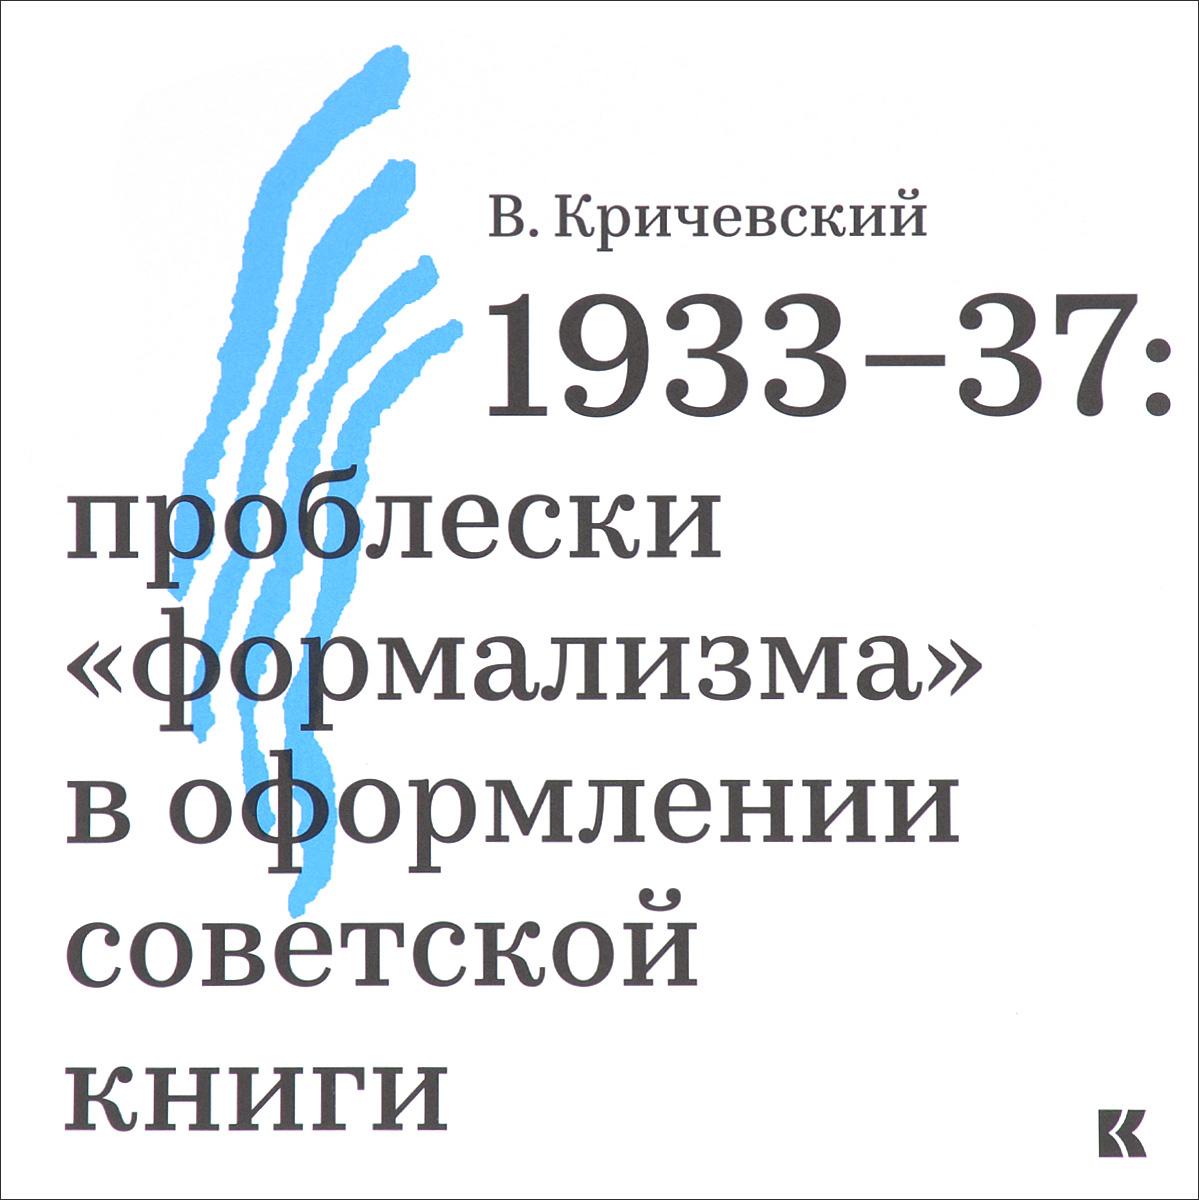 """В. Кричевский 1933-37. Проблески """"формализма"""" в оформлении советской книги"""